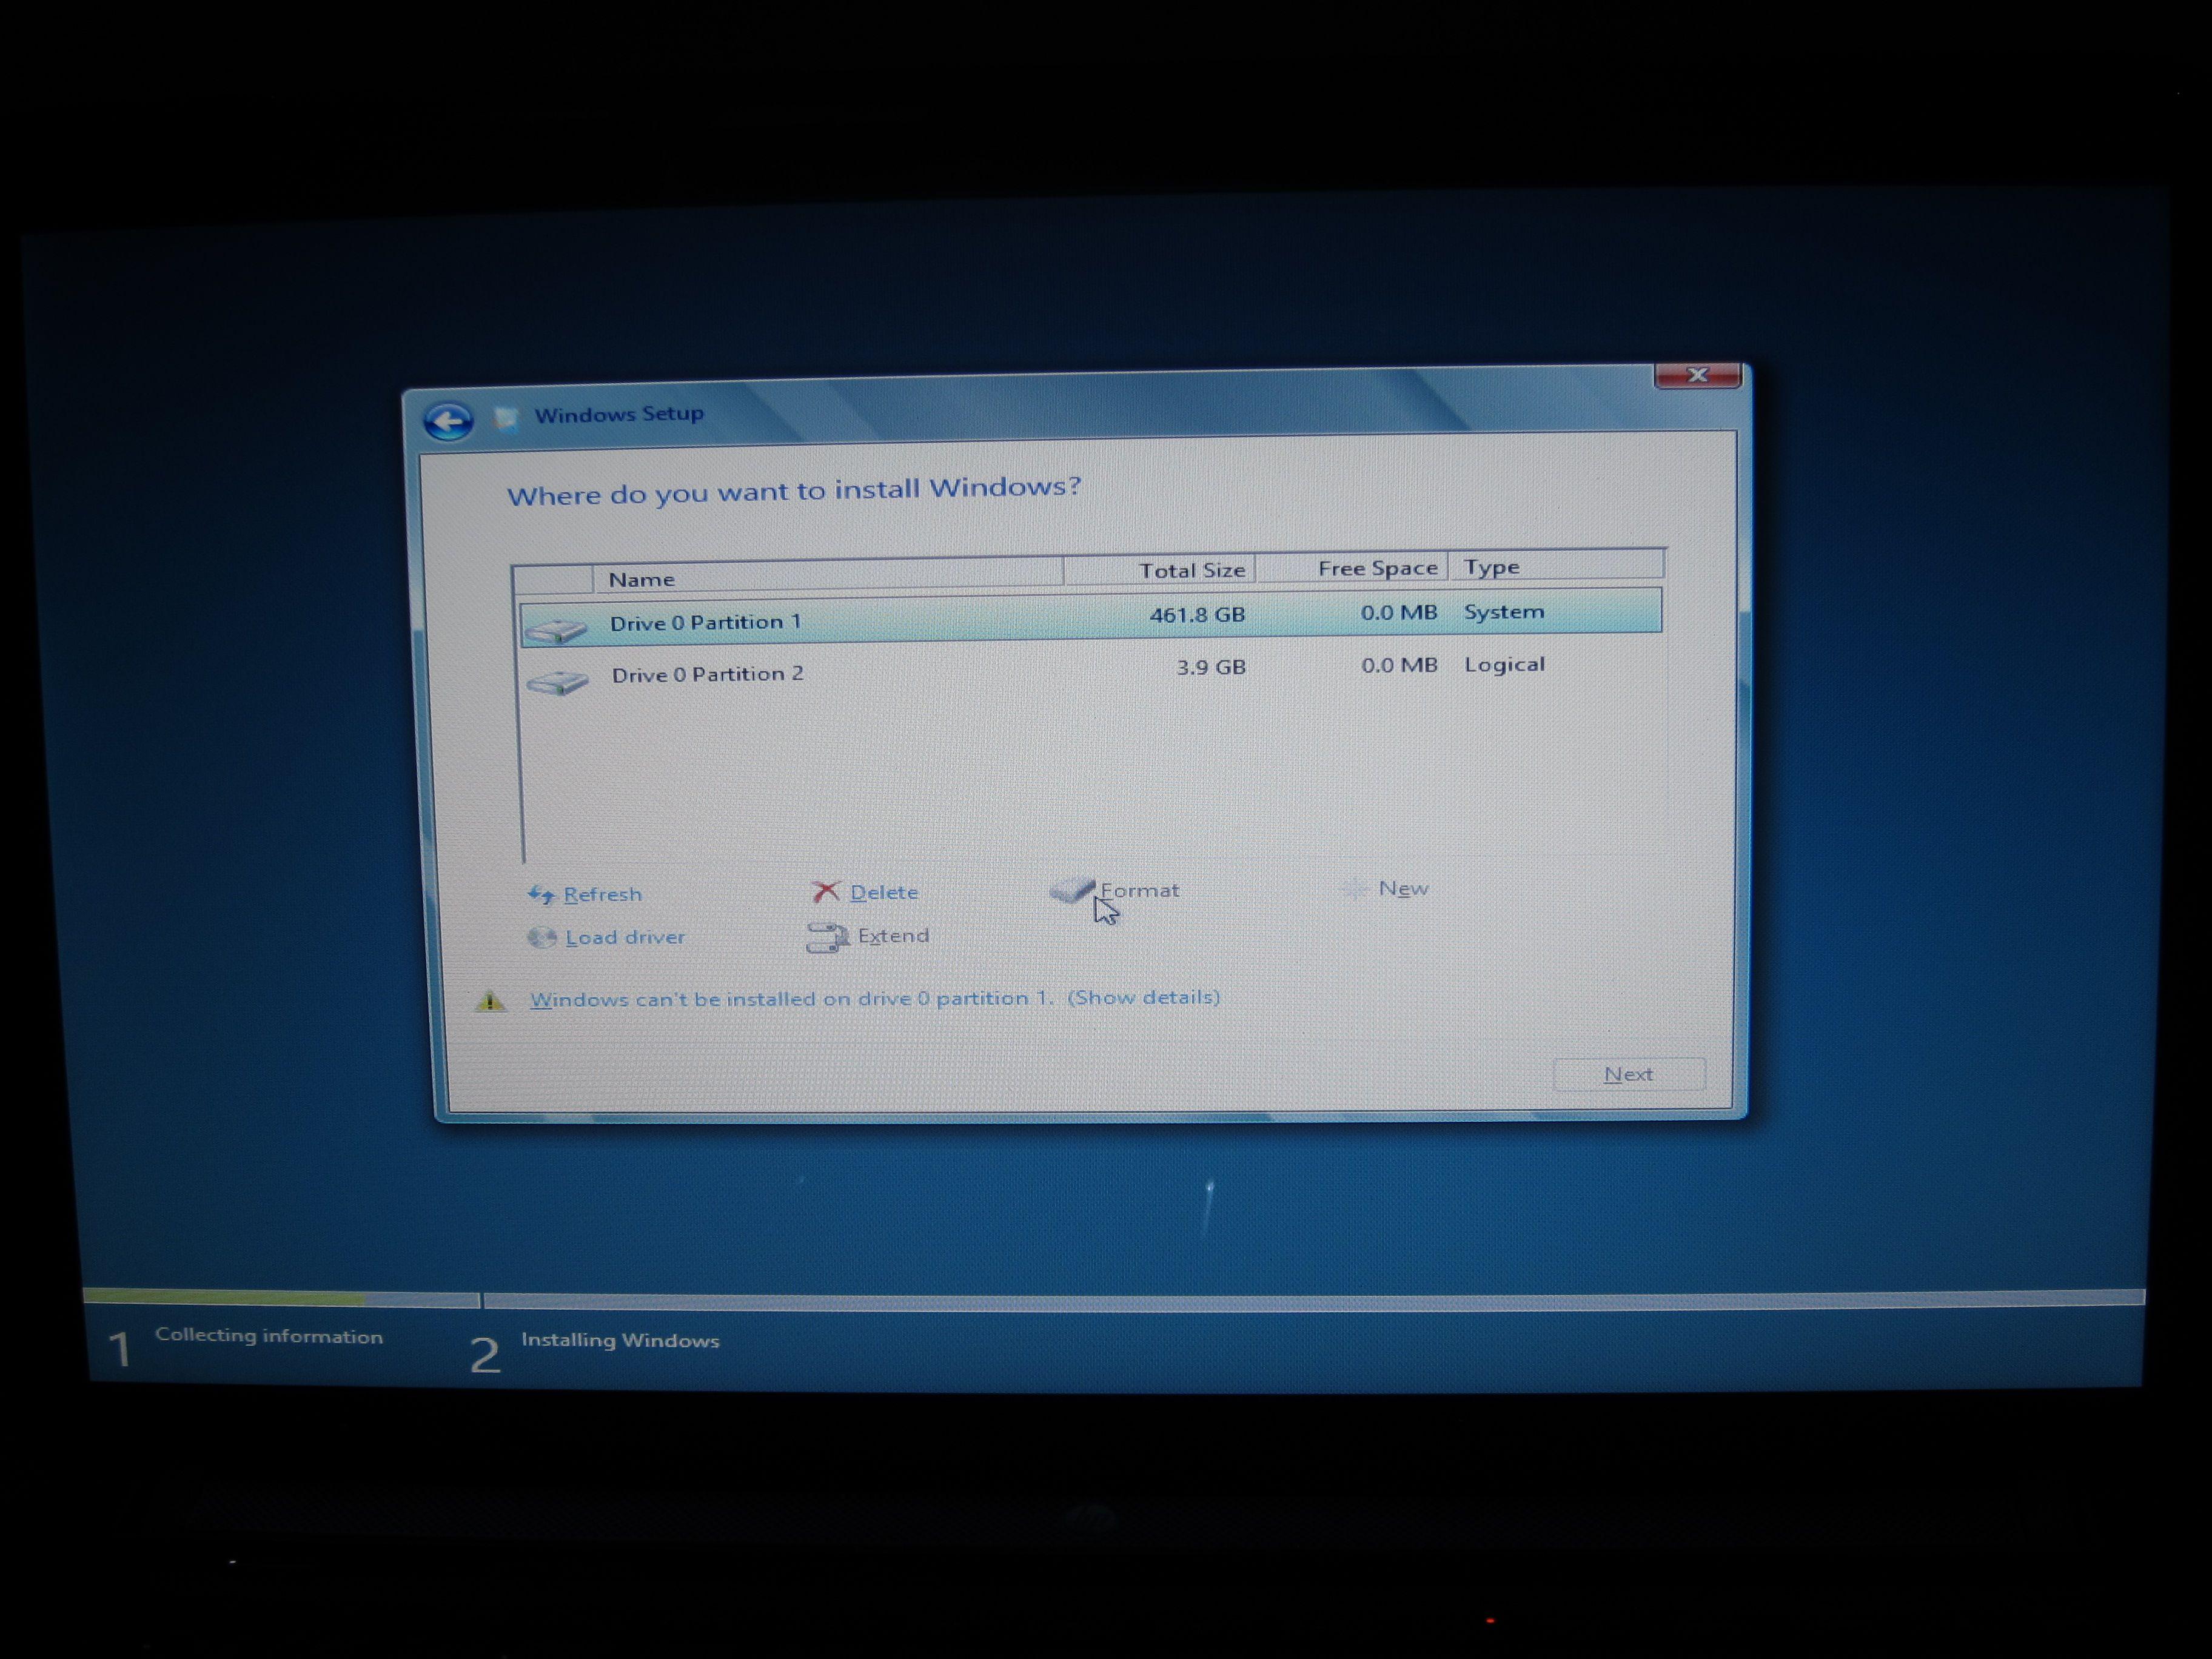 Velg hvilken partisjon Windows 8 skal installleres på. Som sagt anbefaler vi å gjøre en